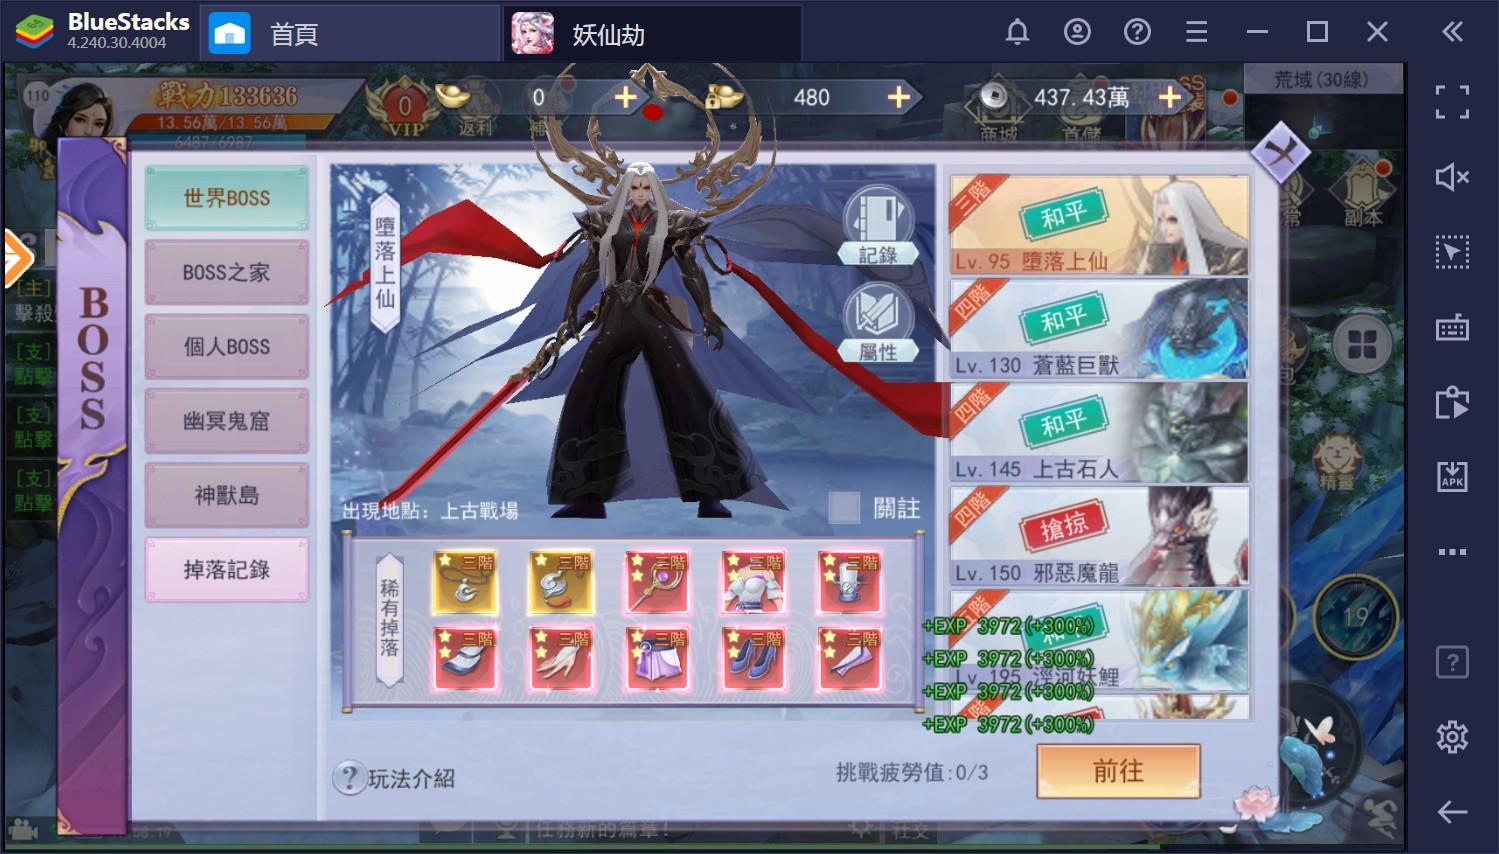 使用BlueStacks在PC上遊玩MMORPG手機遊戲《妖仙劫》